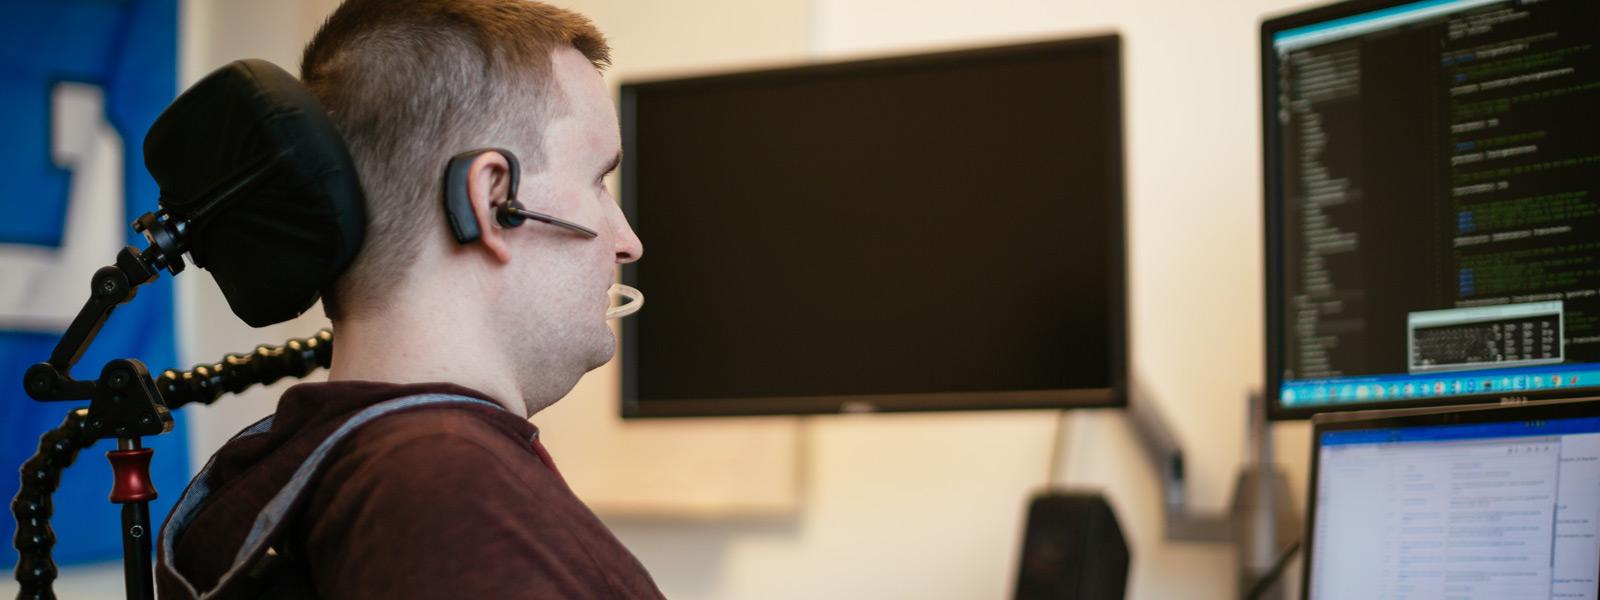 Мъж, седящ на бюро и използващ помощна хардуерна технология, за да работи на компютър с Windows 10 с контролите за управление с поглед